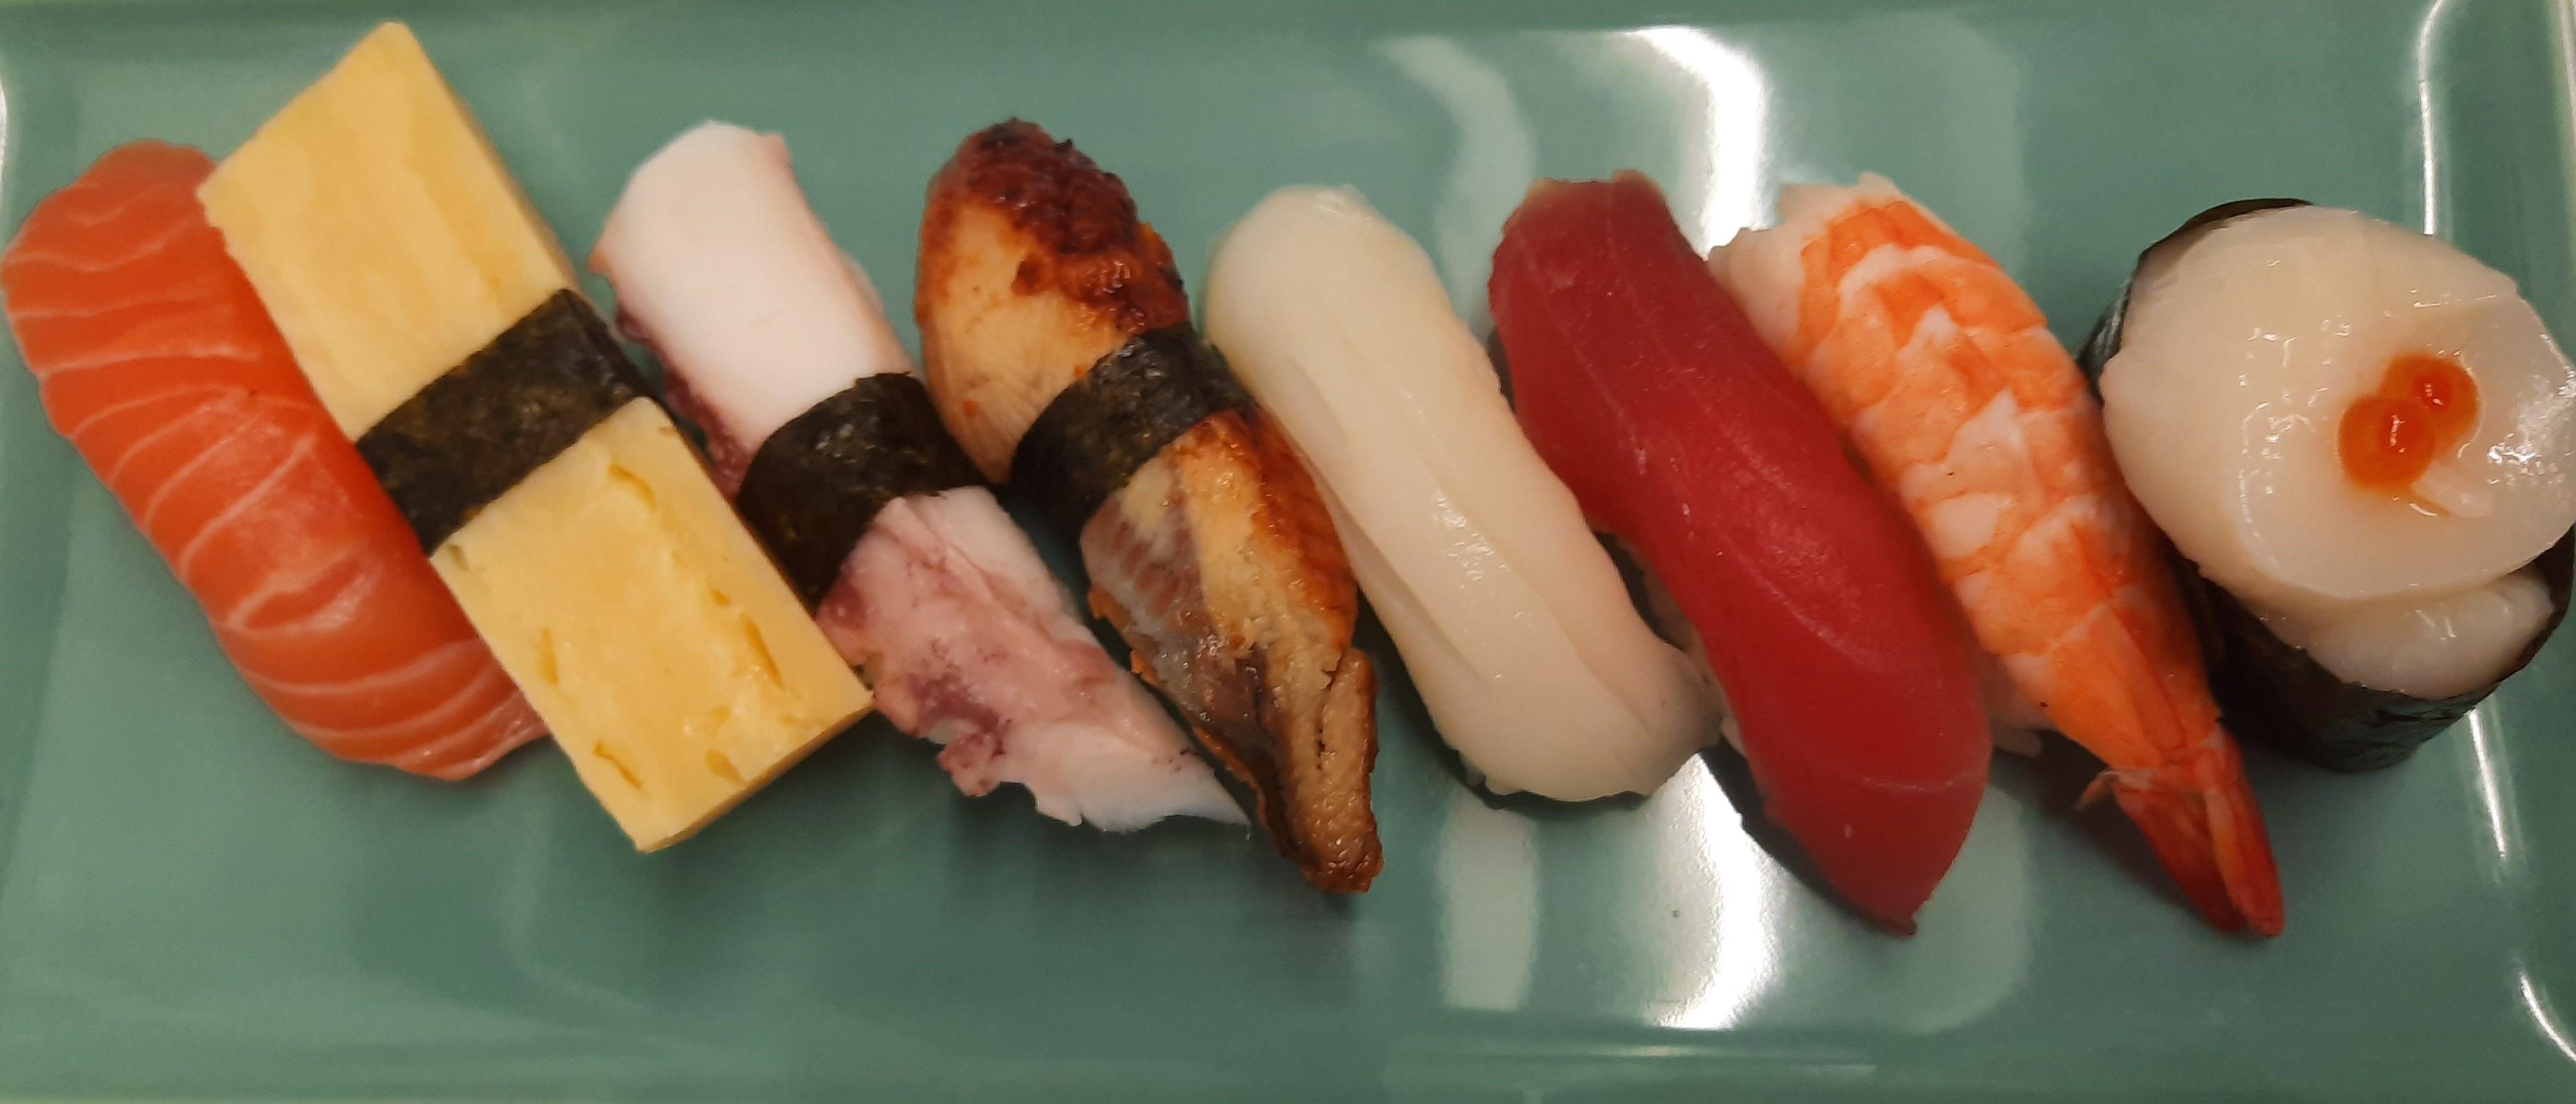 Pacific Sushi Kitchen Restaurants In Bonn Adresse Offnungszeiten Bewertungen Tel 015171354 Infobel